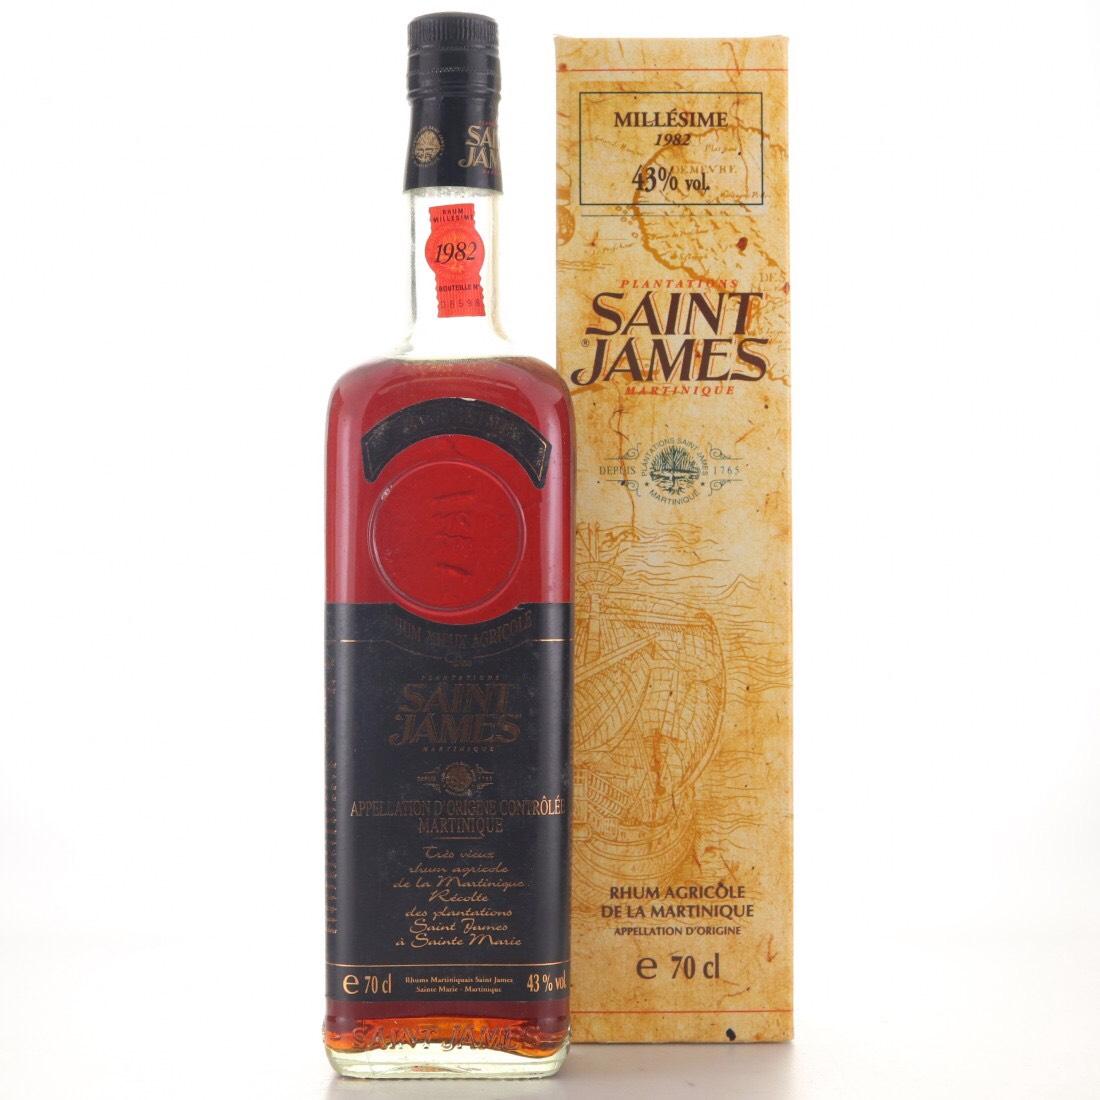 Bottle image of 1982